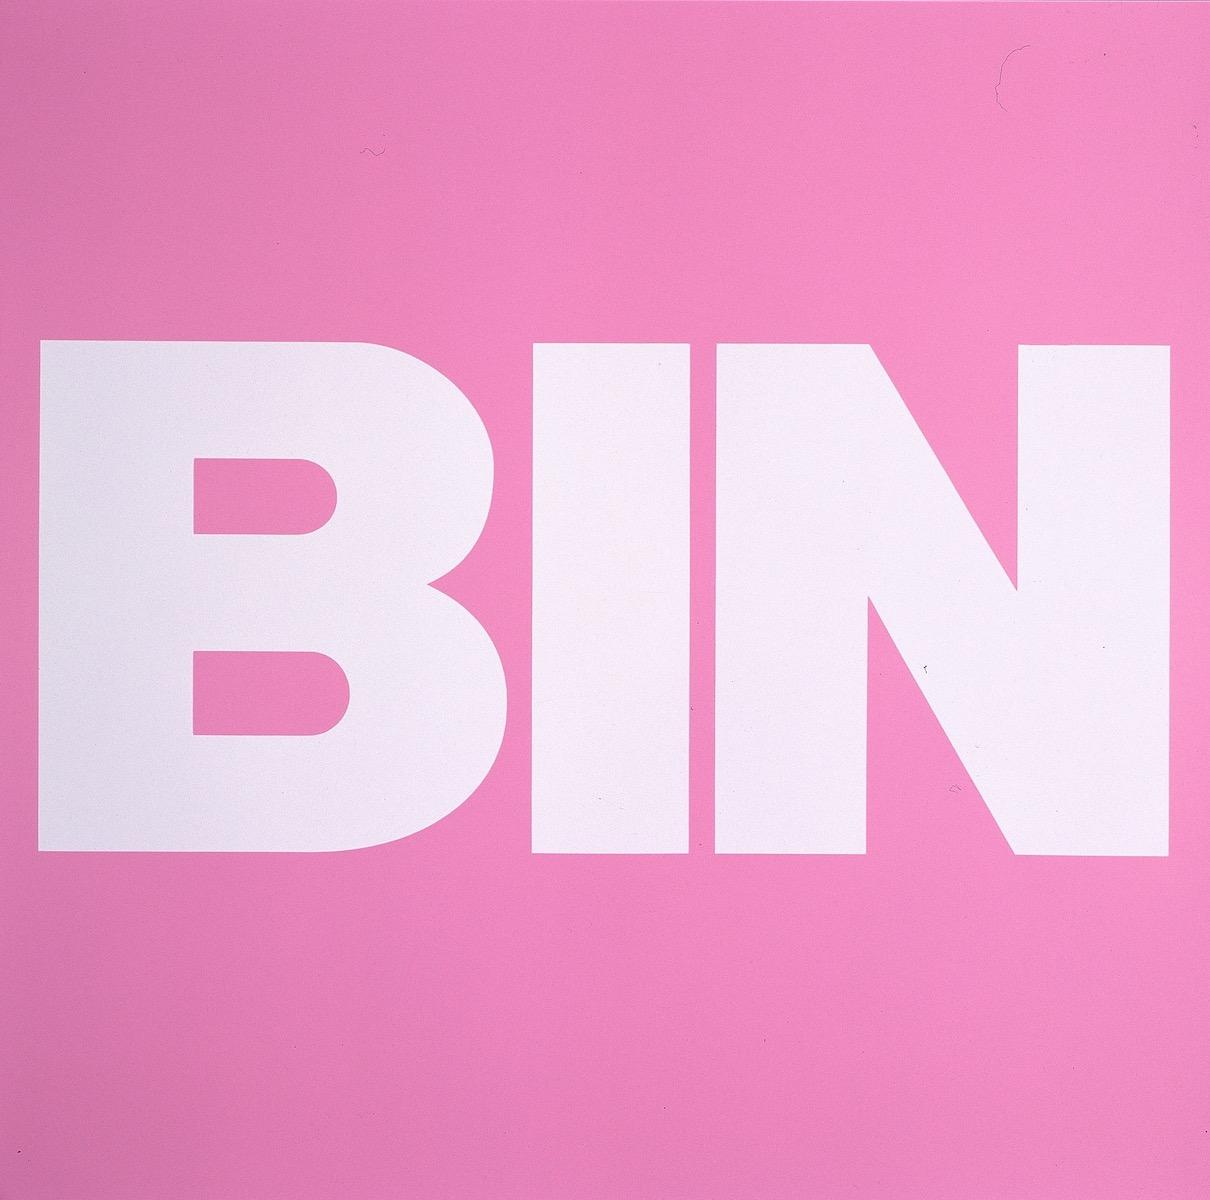 BIN, ROSA | Affirmation tut gut | Angelika Beuler | 1992